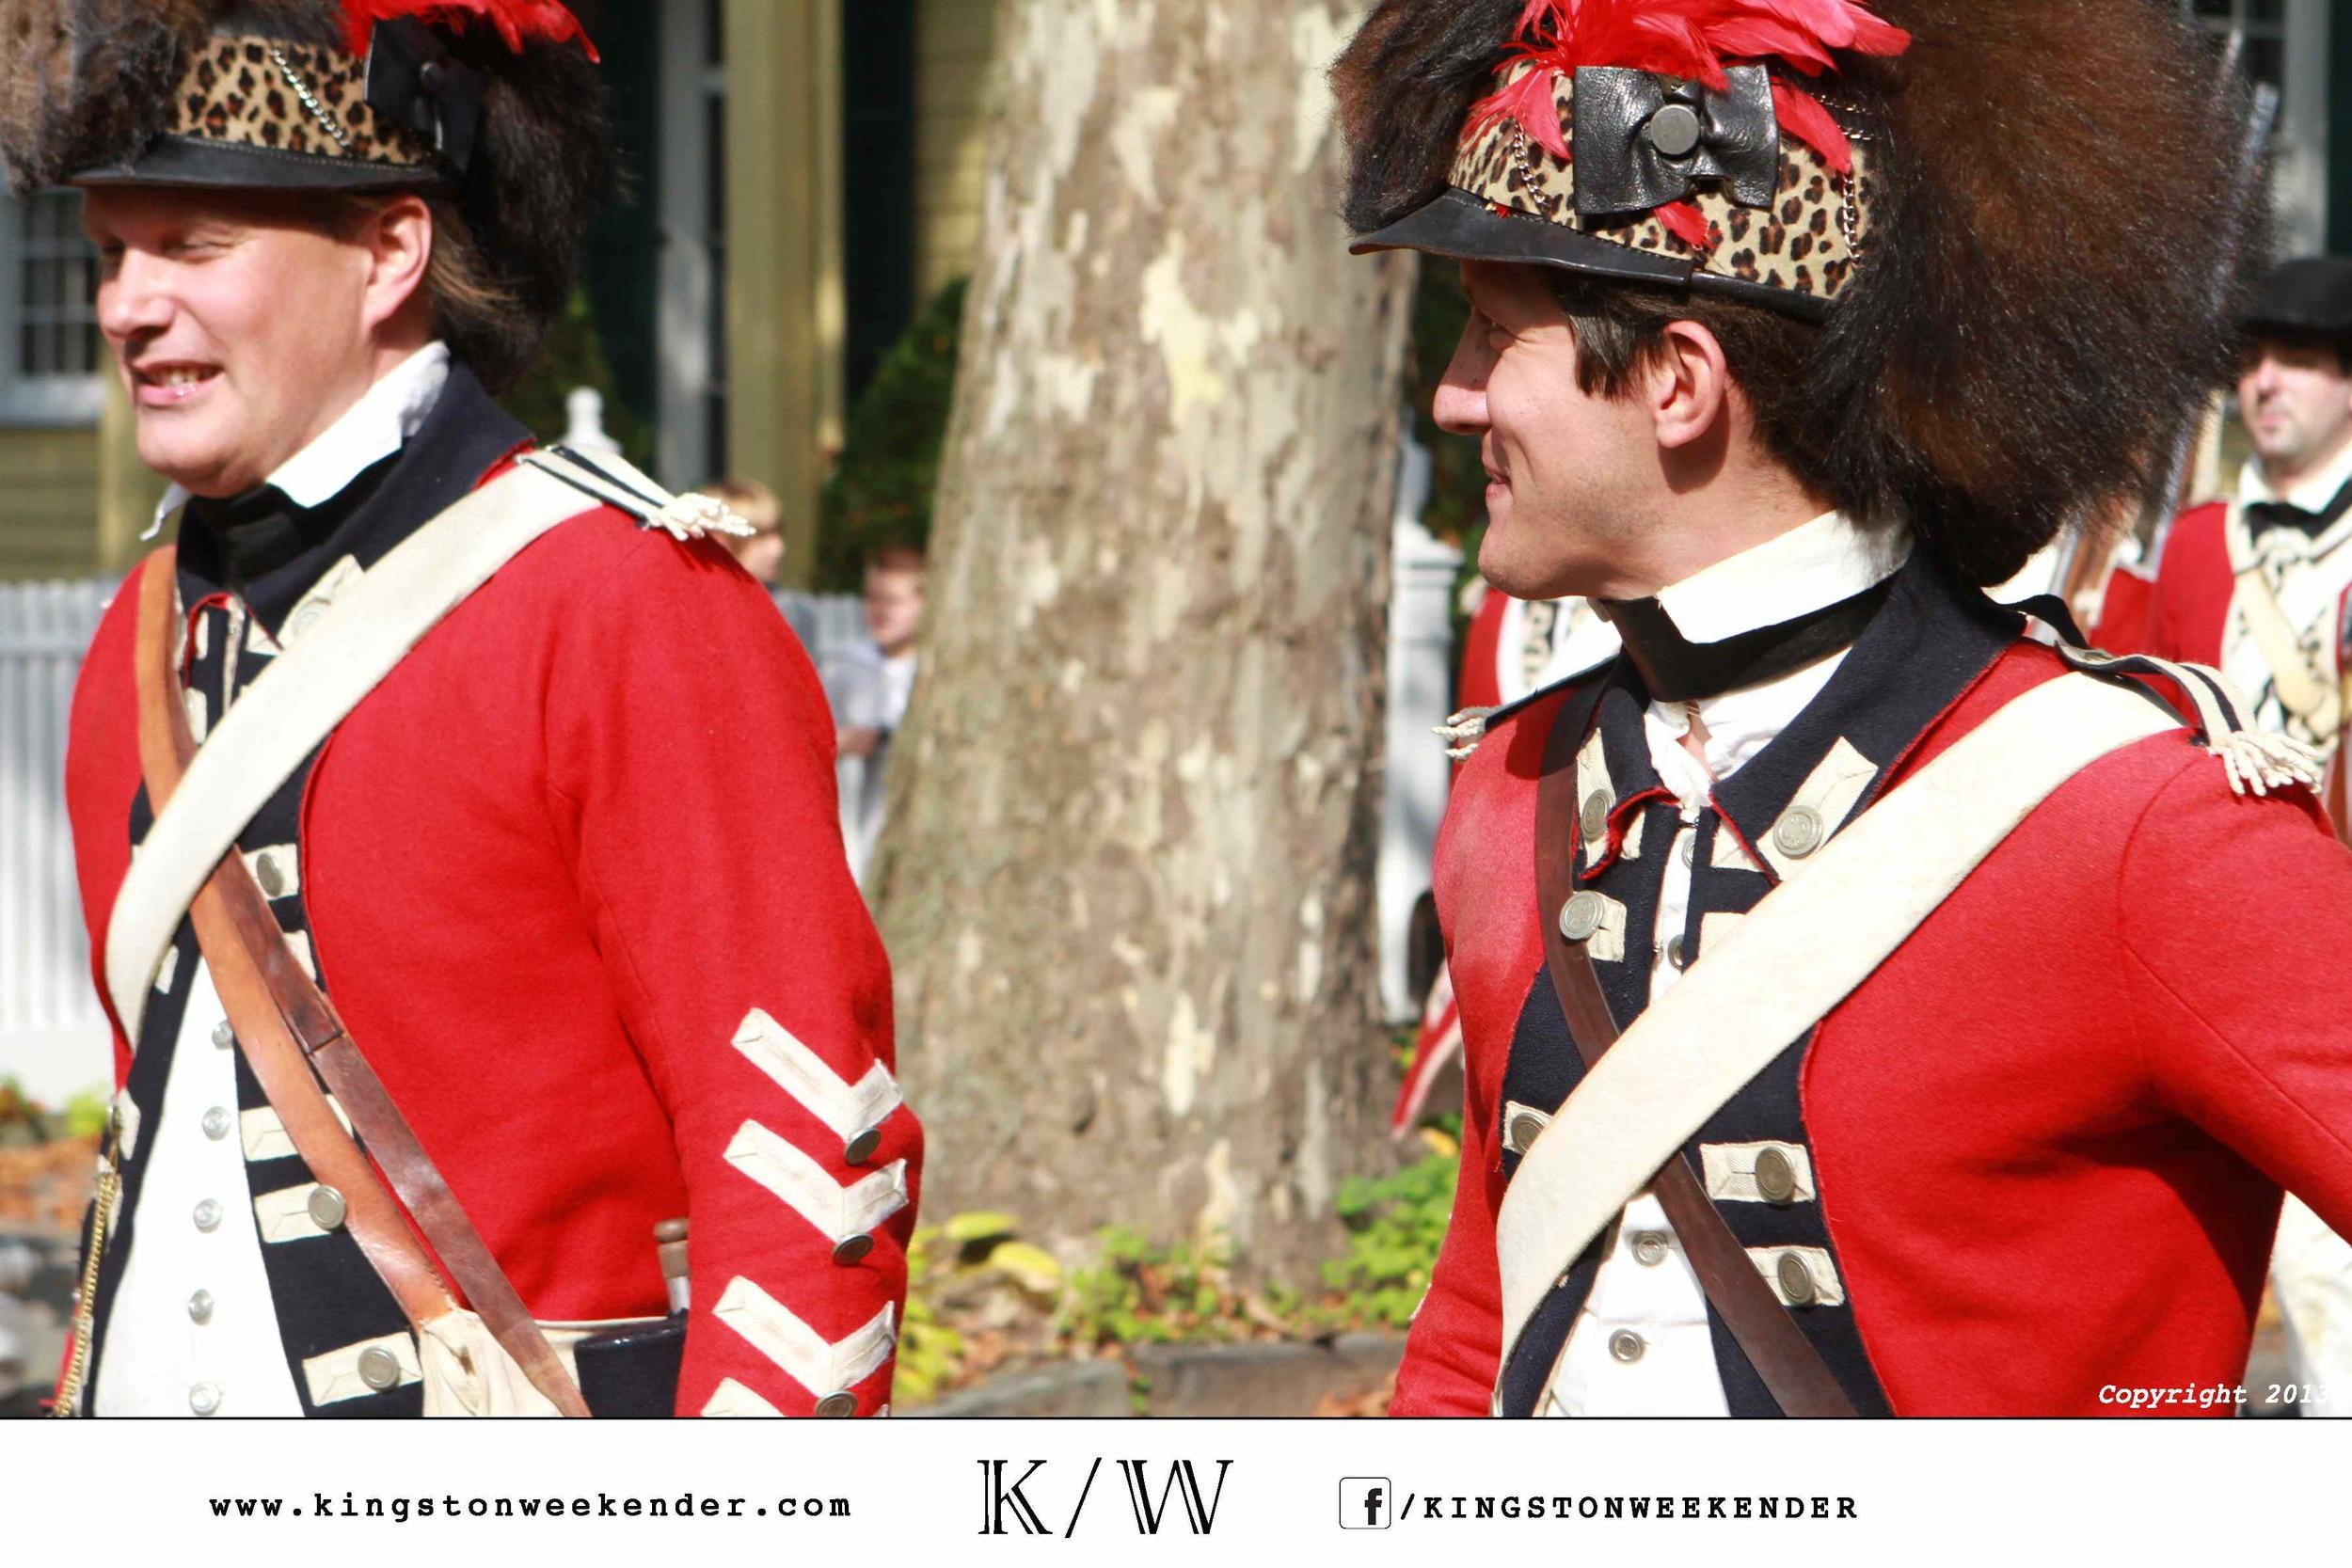 kingston-weekender-photo-credits40.jpg